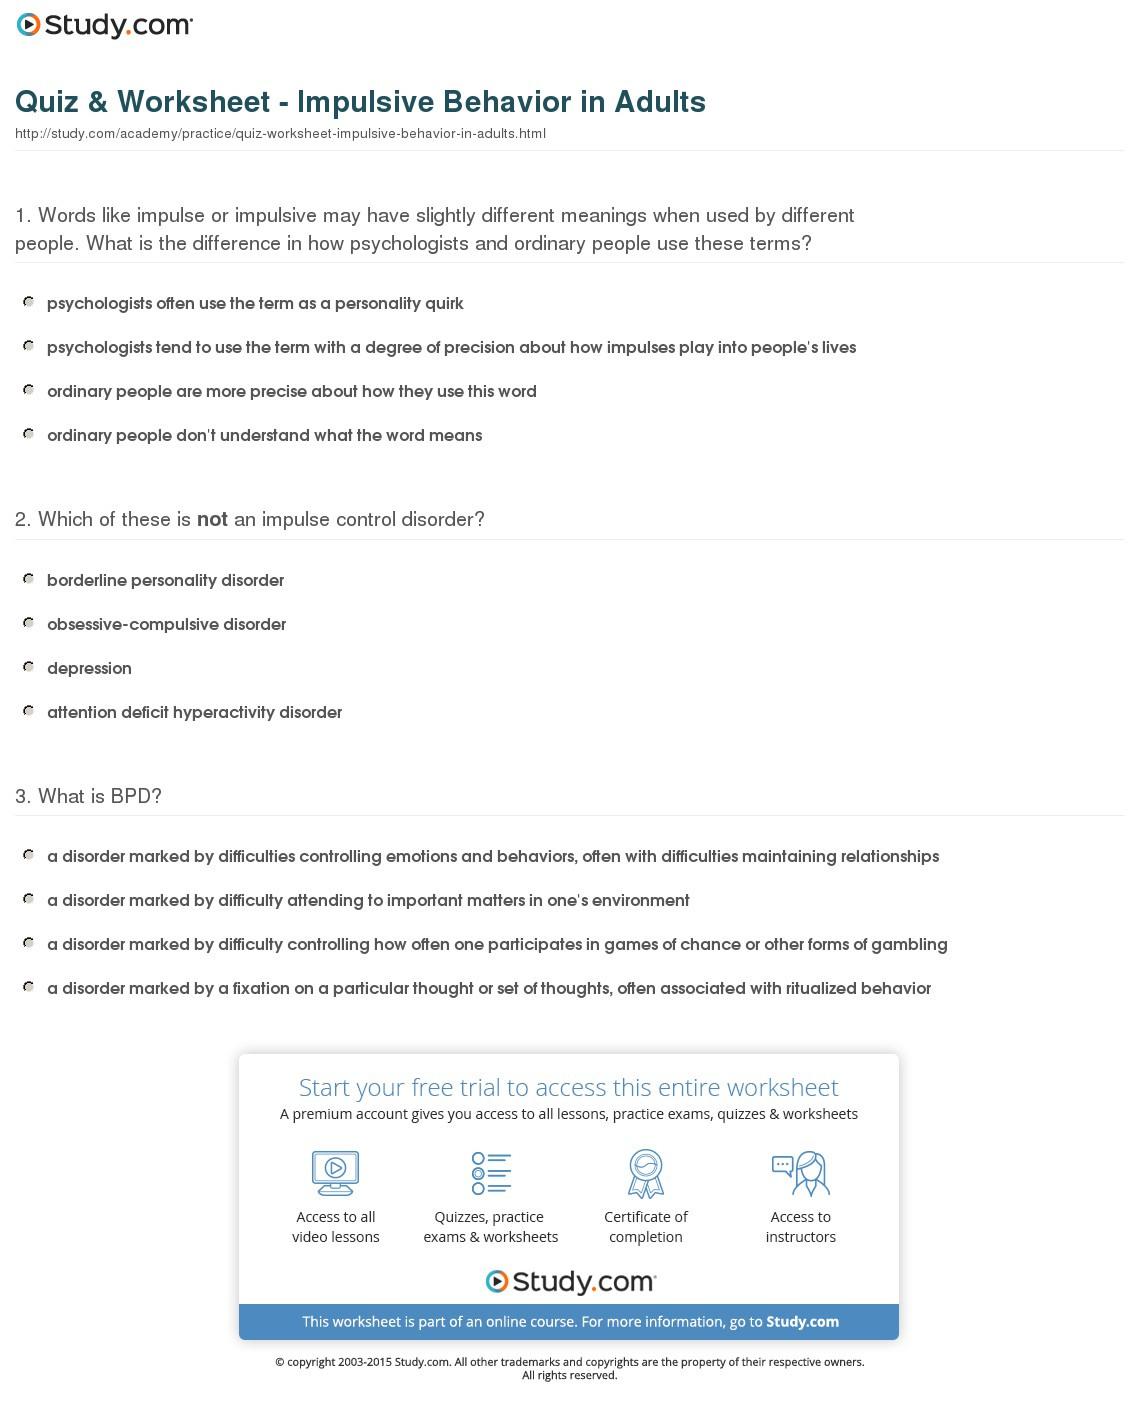 Quiz Worksheet Impulsive Behavior In Adults Study